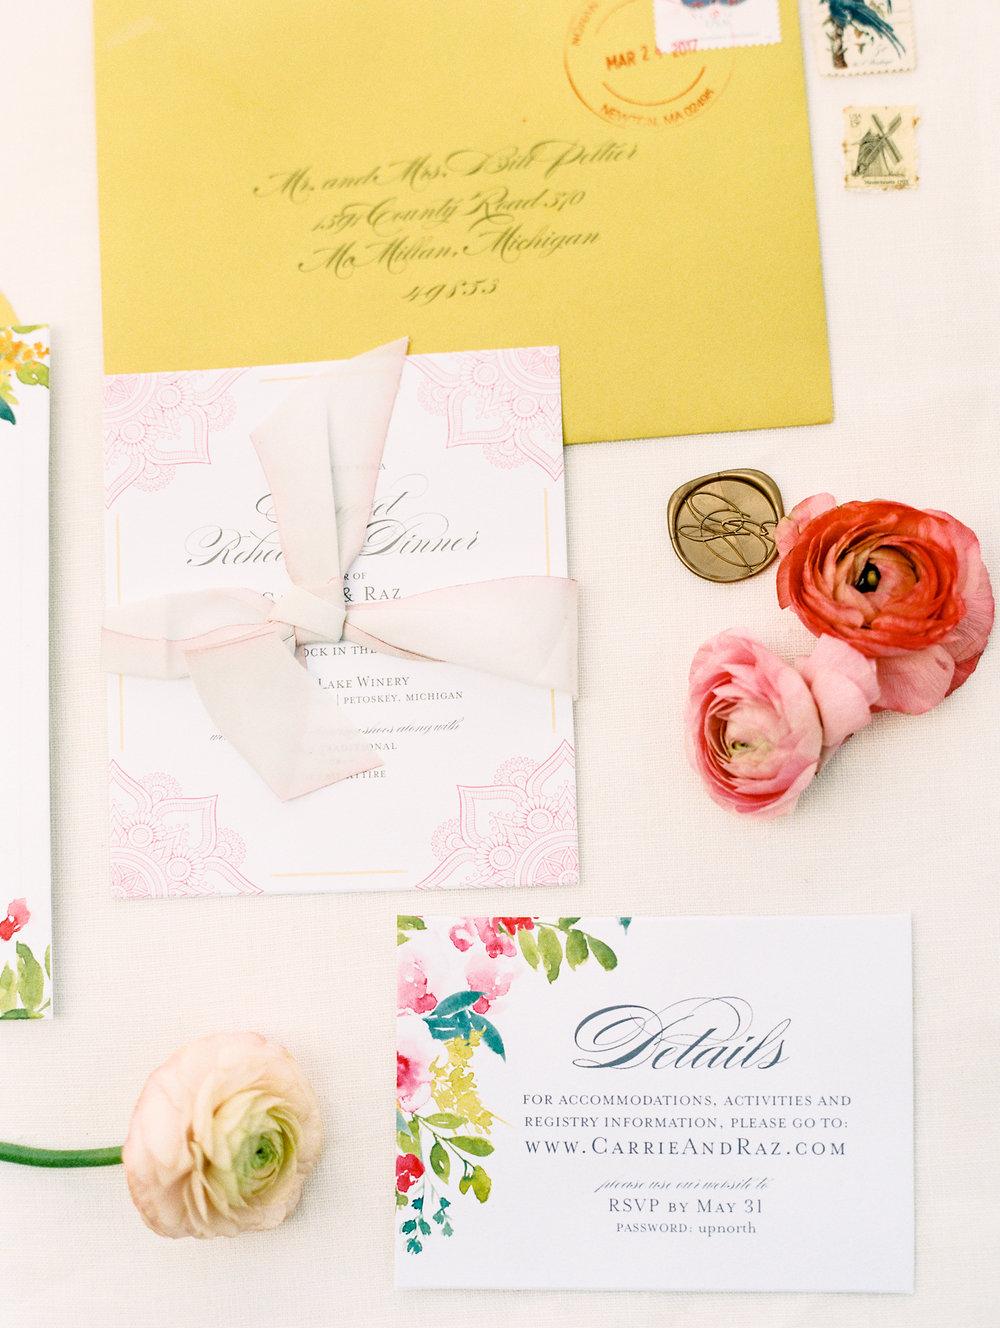 Govathoti+Wedding+Details-25.jpg